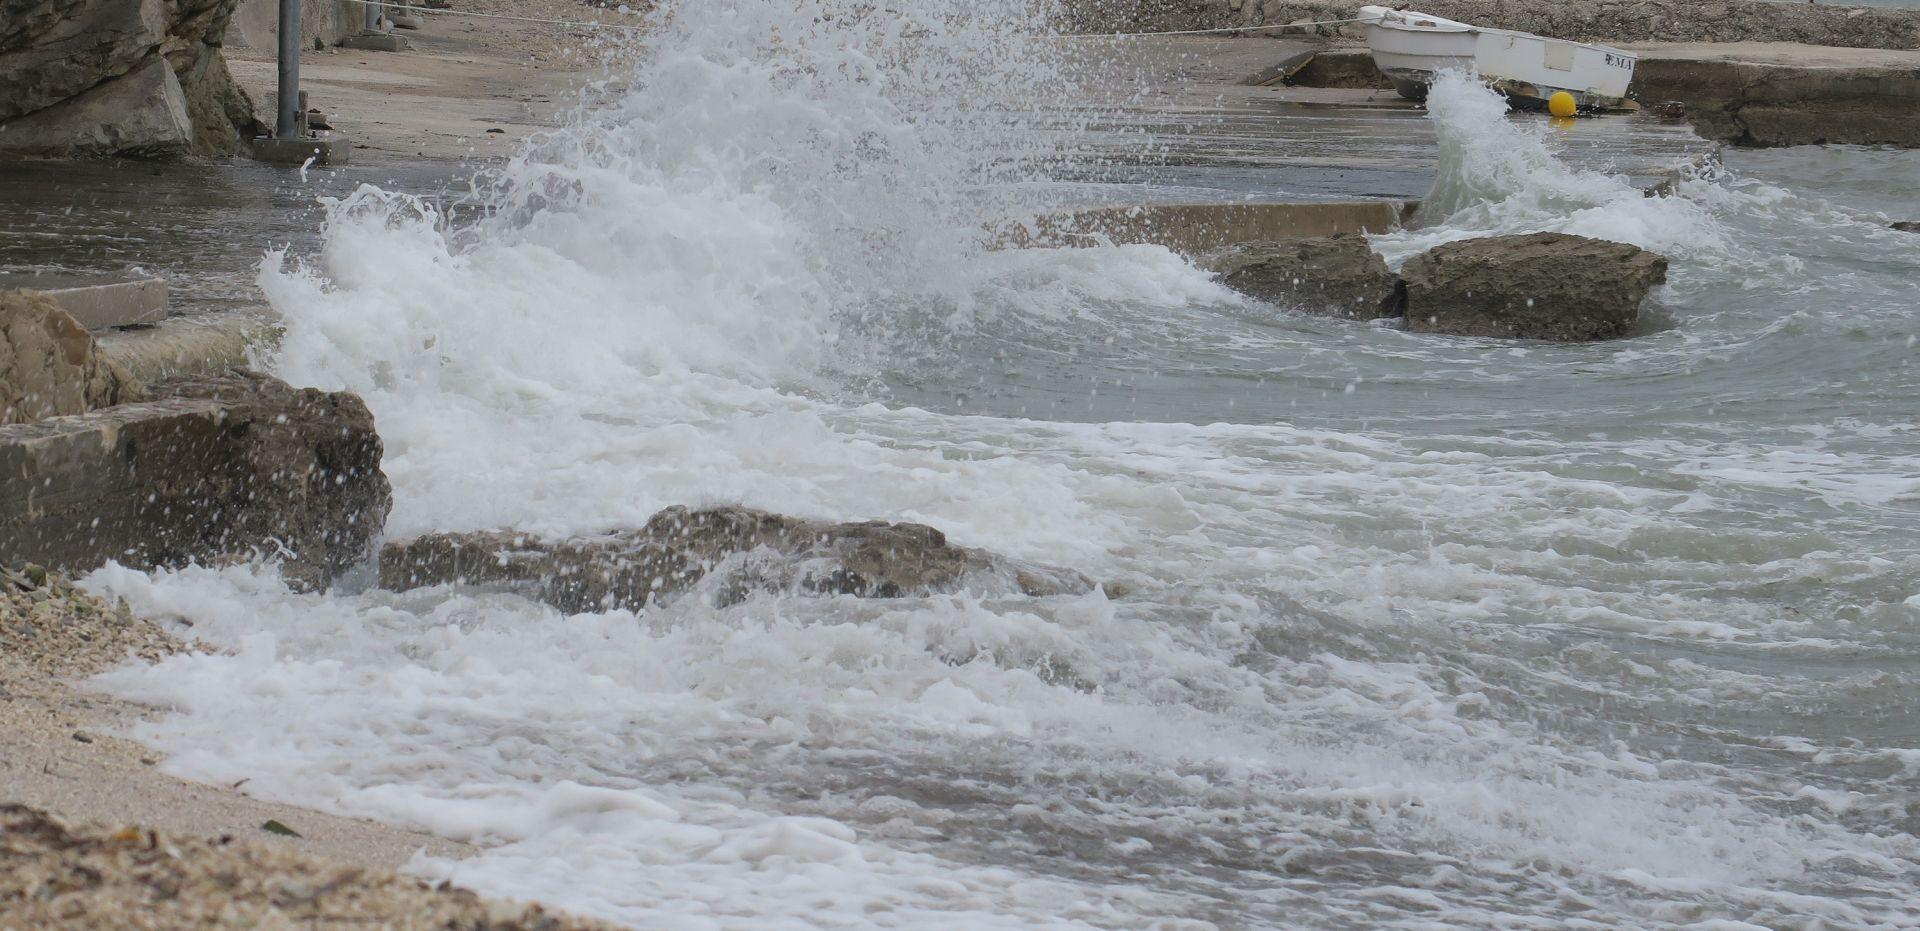 Nakon olujnog nevremena u Istri, saniraju se štete